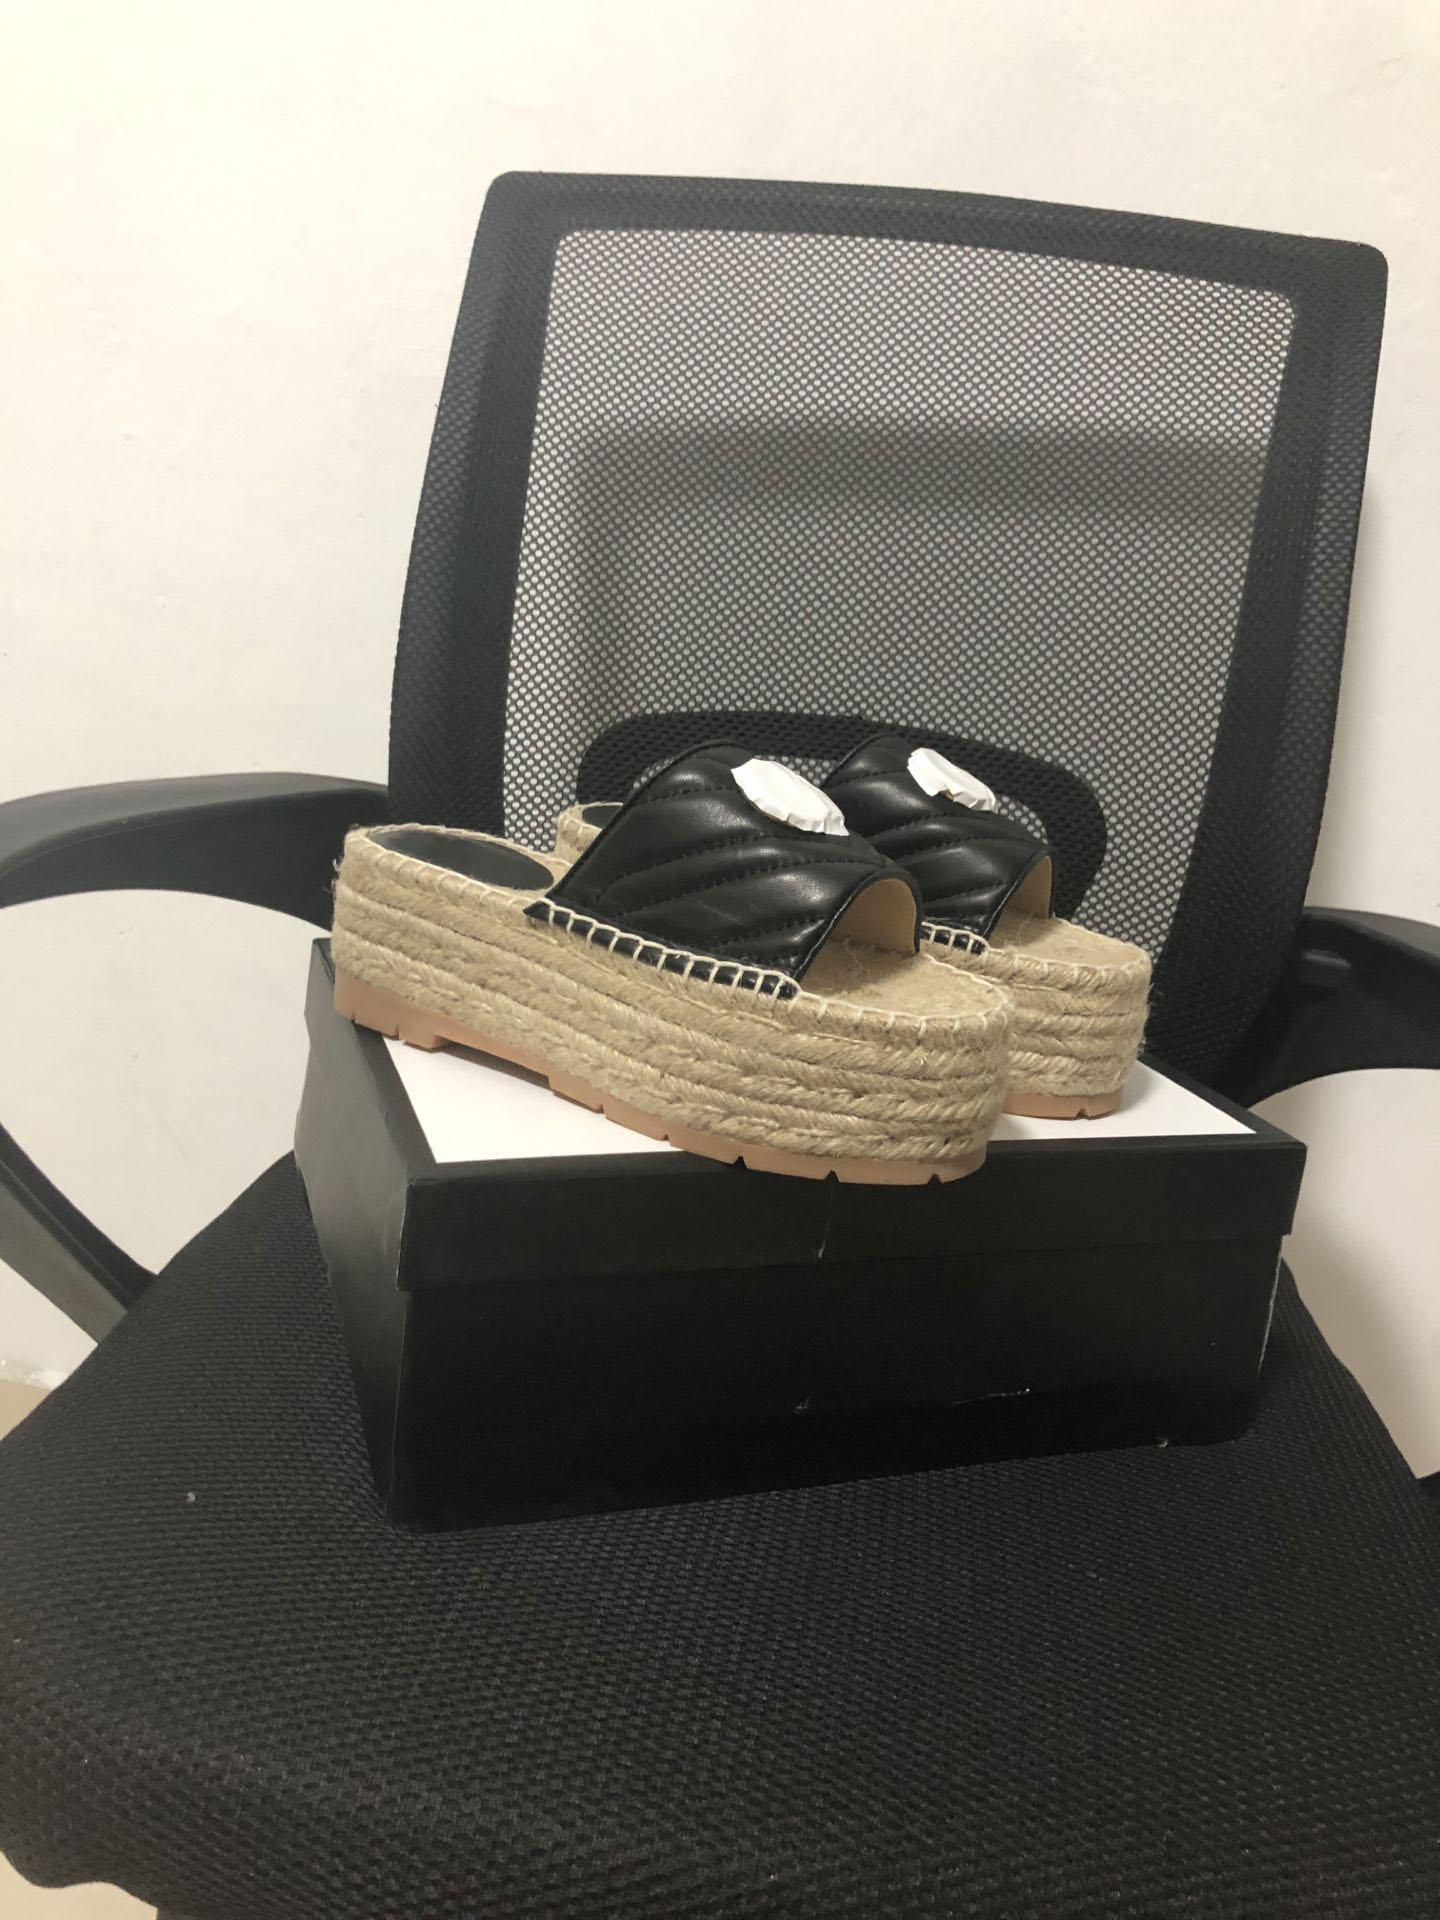 إيطاليا مصمم الفاخرة العلامة التجارية الآس عارضة أحذية للنساء جودة عالية مريحة تنفس النعال الأزياء الكلاسيكية